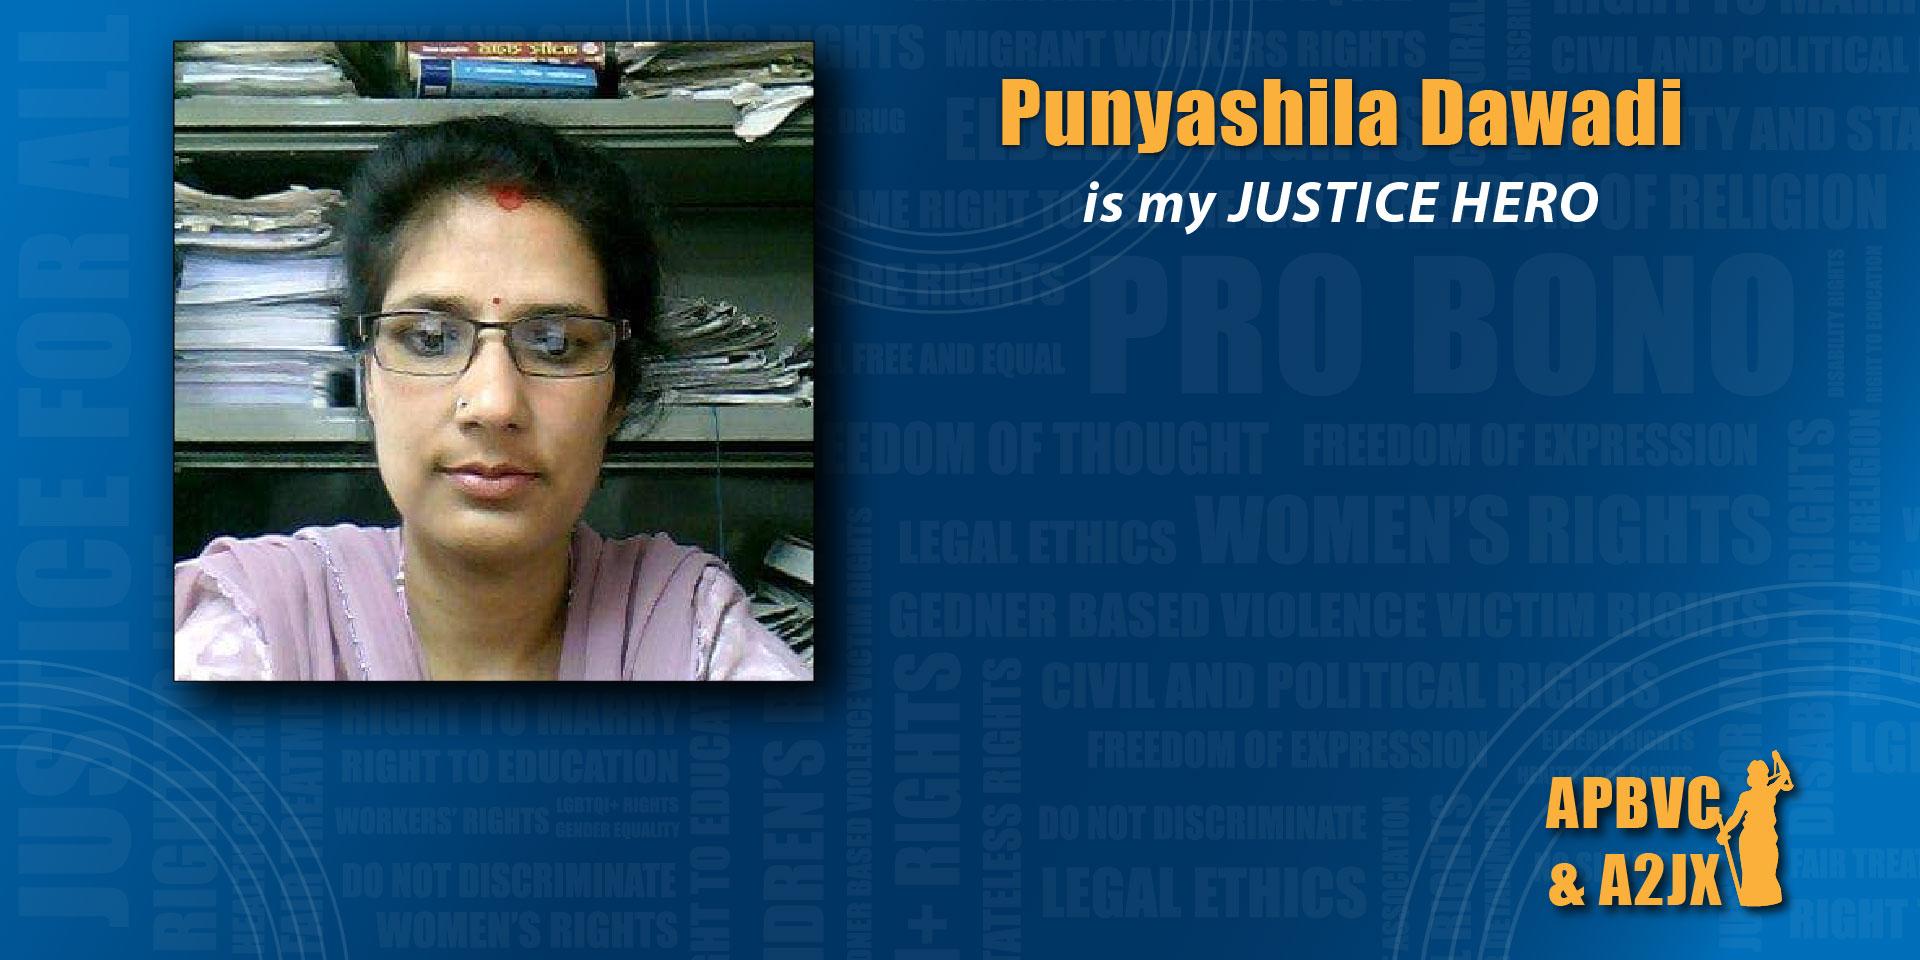 Punyashila Dawadi